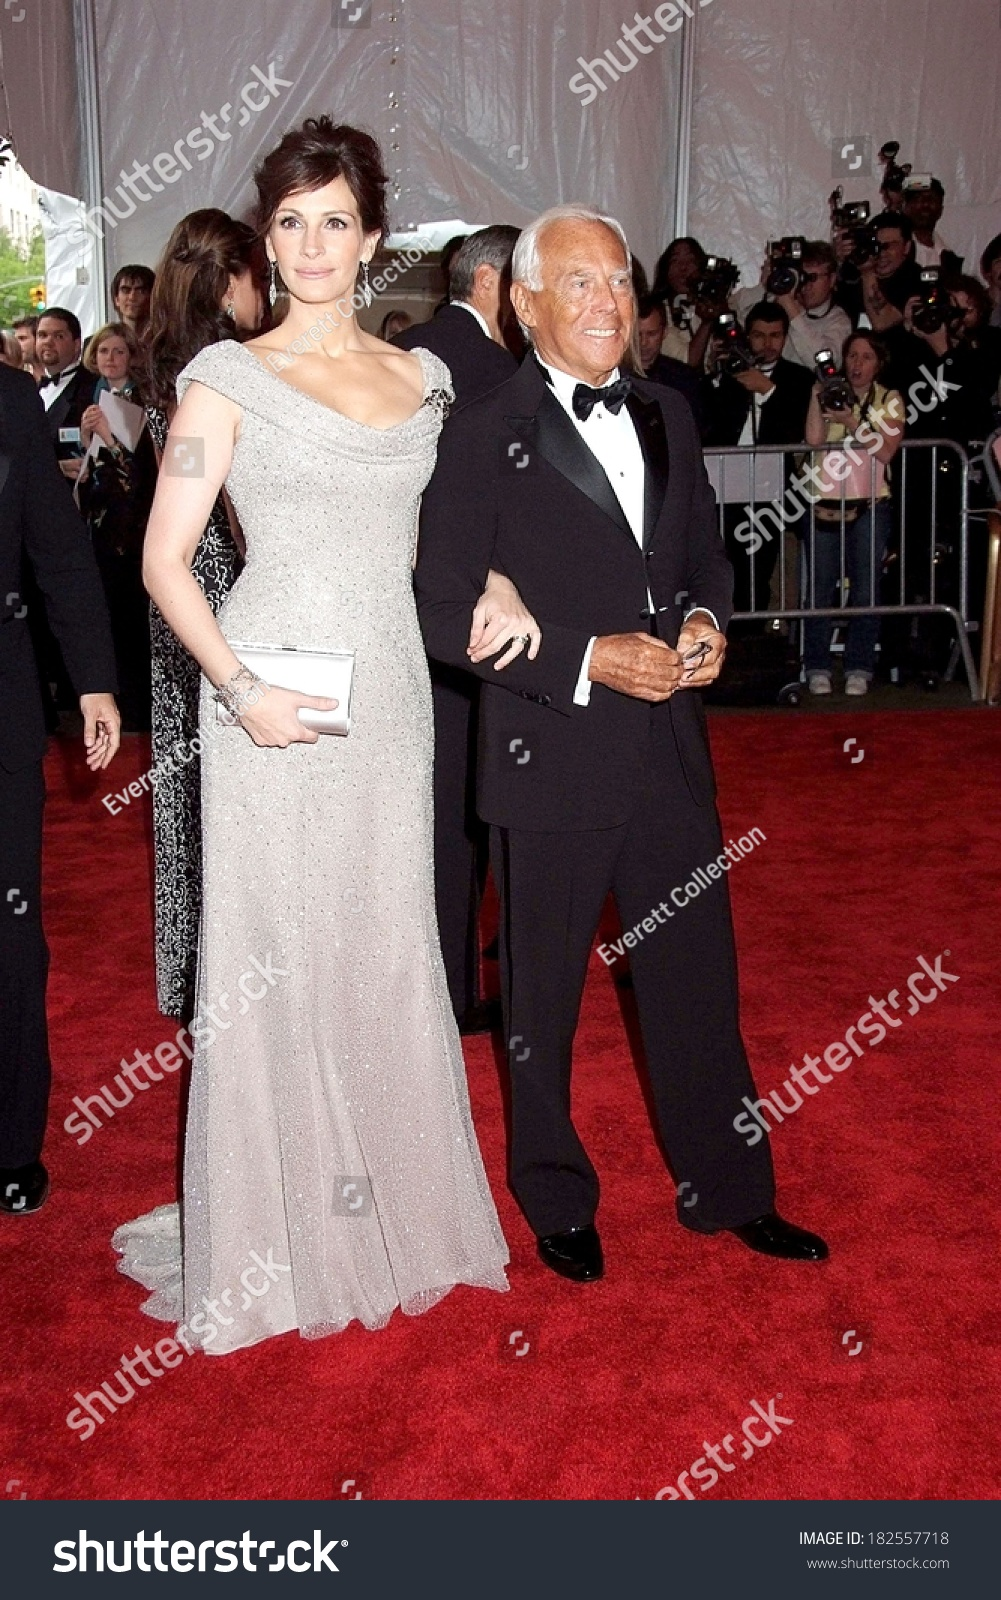 Julia Roberts Armani Prive Gown Giorgio Stock Photo (100% Legal ...